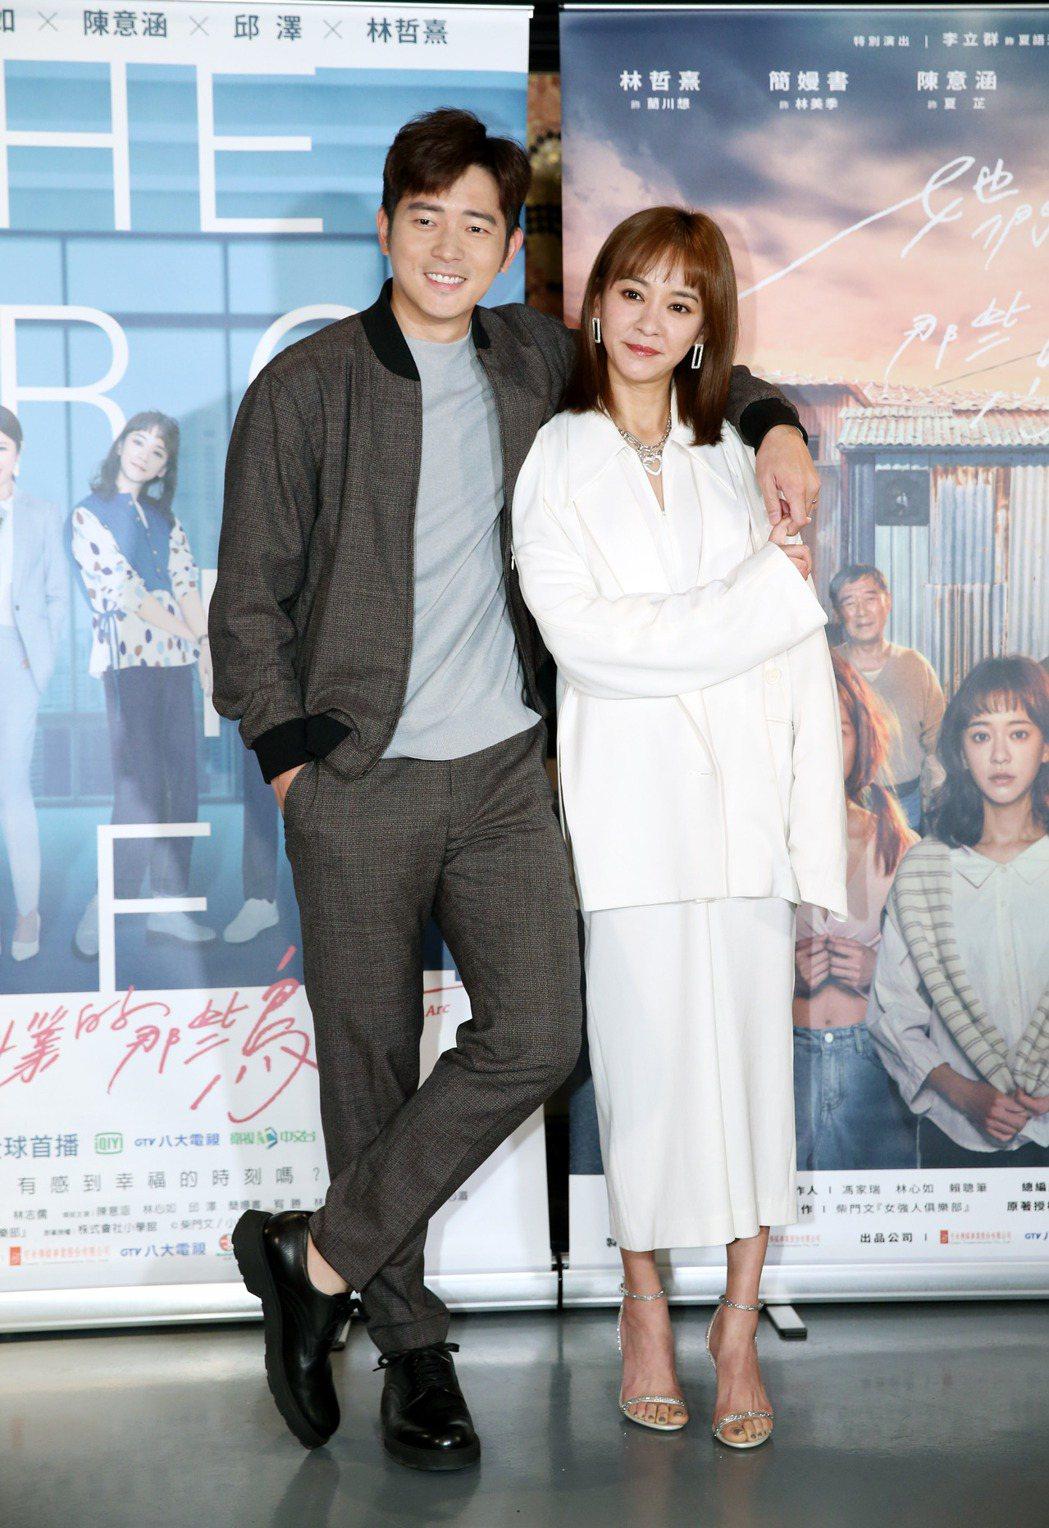 宥勝(左起)、陳意涵出席宣傳新戲「她們創業的那些鳥事」。記者邱德祥/攝影